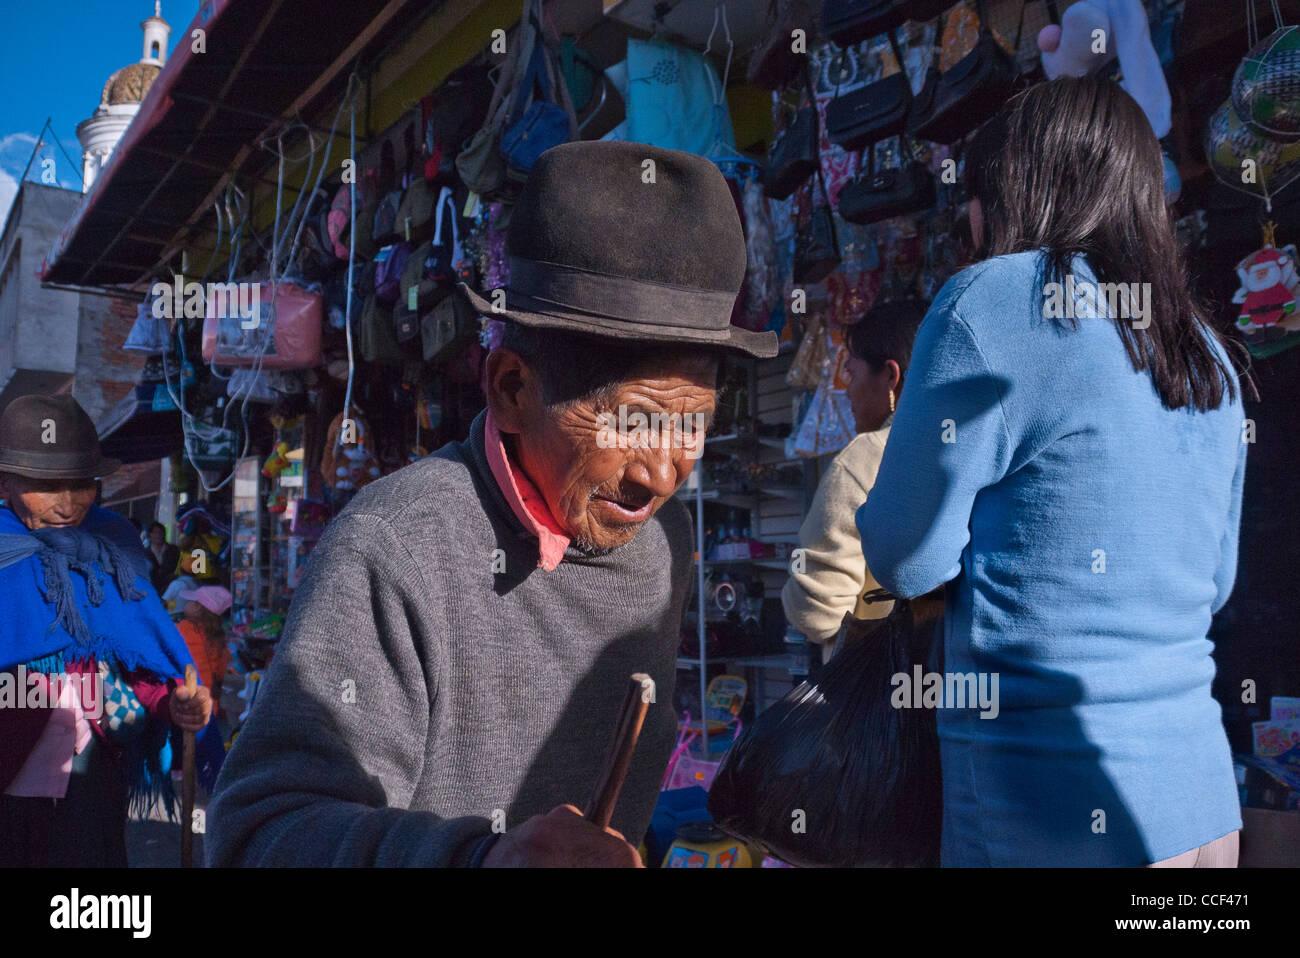 Pagina 1 di 12. Un anziano uomo ecuadoriana con un molto rugoso volto  indossando un cappello Fedora e tenendo un b6fbe90ee6b2